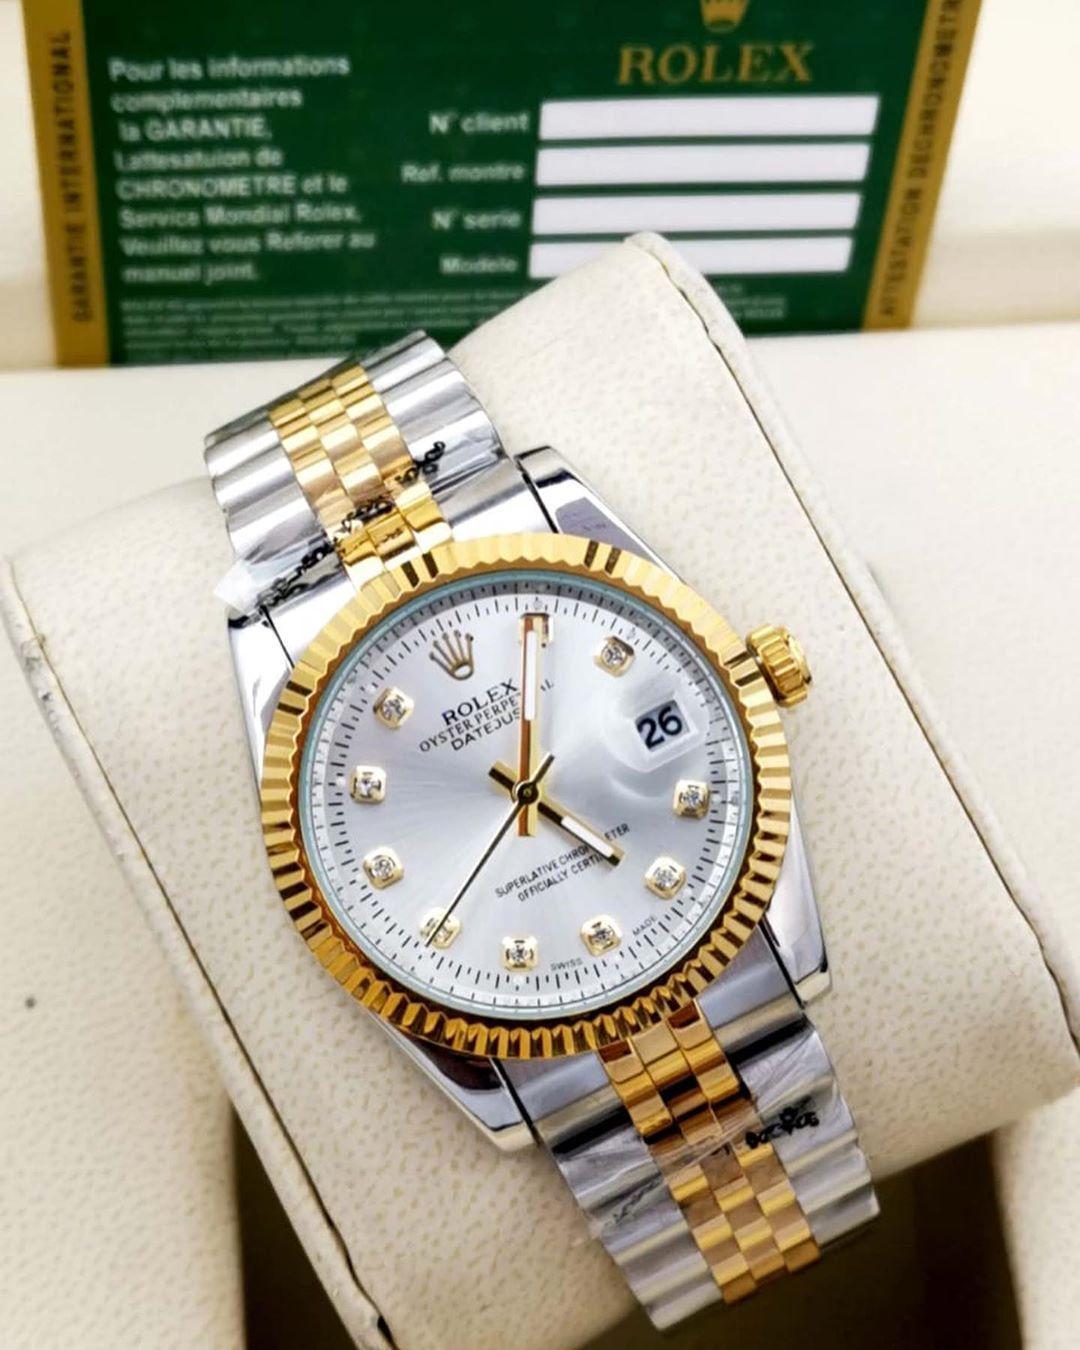 ماركه رولكس موديل رجالي تقليد درجه اولى طبق الاصل علبه ساده كرت الضمان السعر ريال جده توصيل مندوب باقي الم Rolex Watches Women Rolex Men Men Model